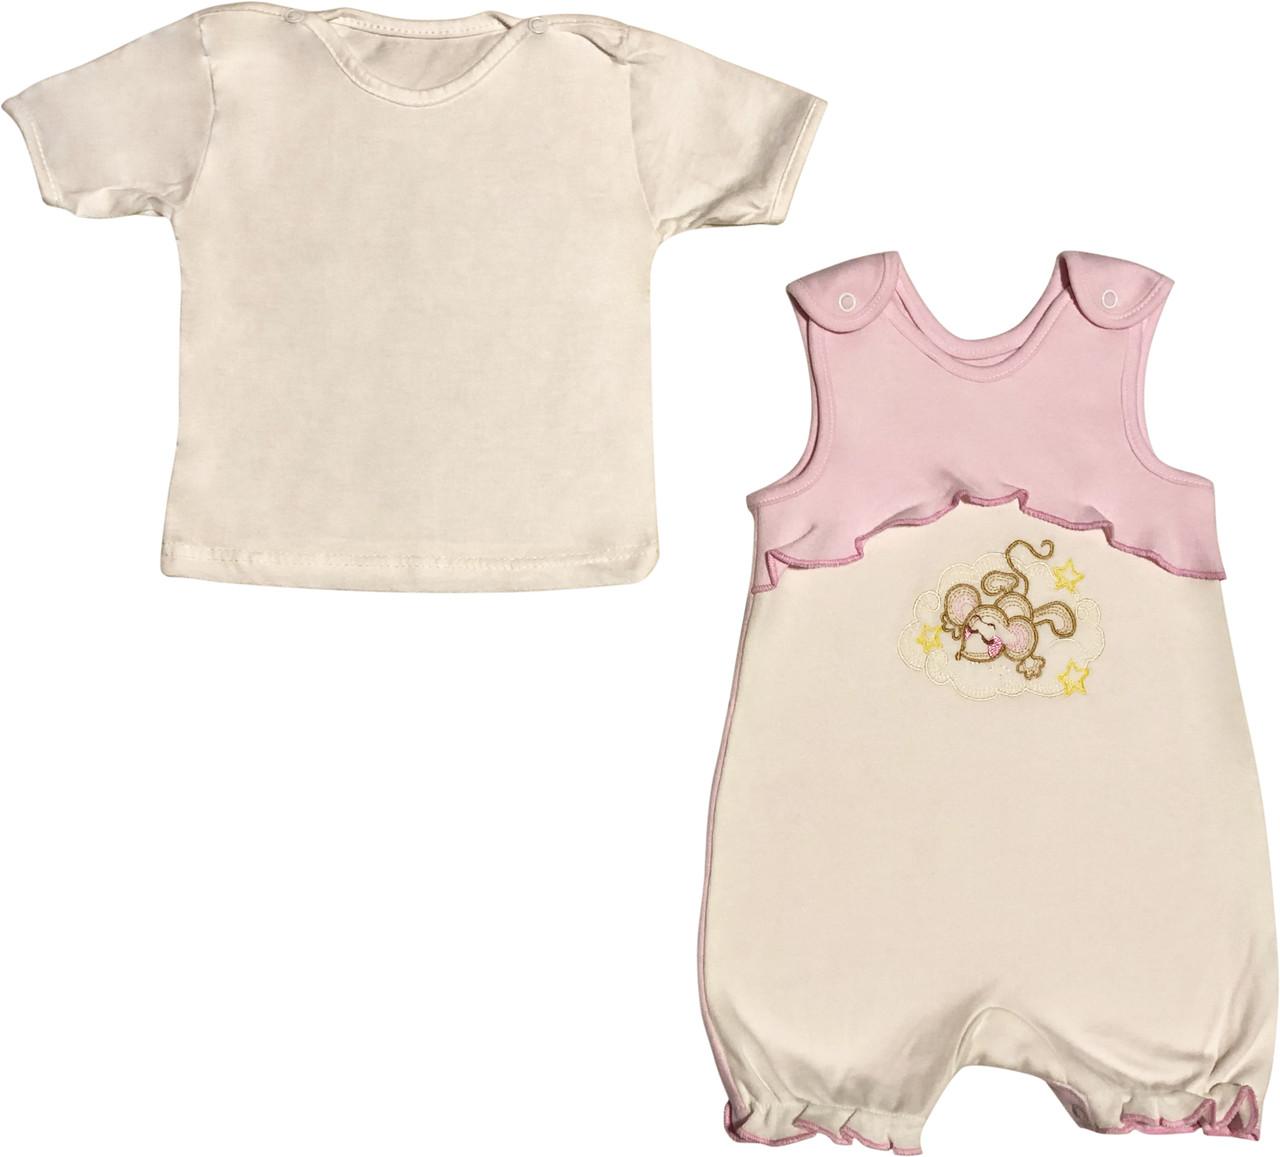 Летний костюм на девочку рост 74 6-9 мес для новорожденных малышей комплект детский трикотажный лето розовый